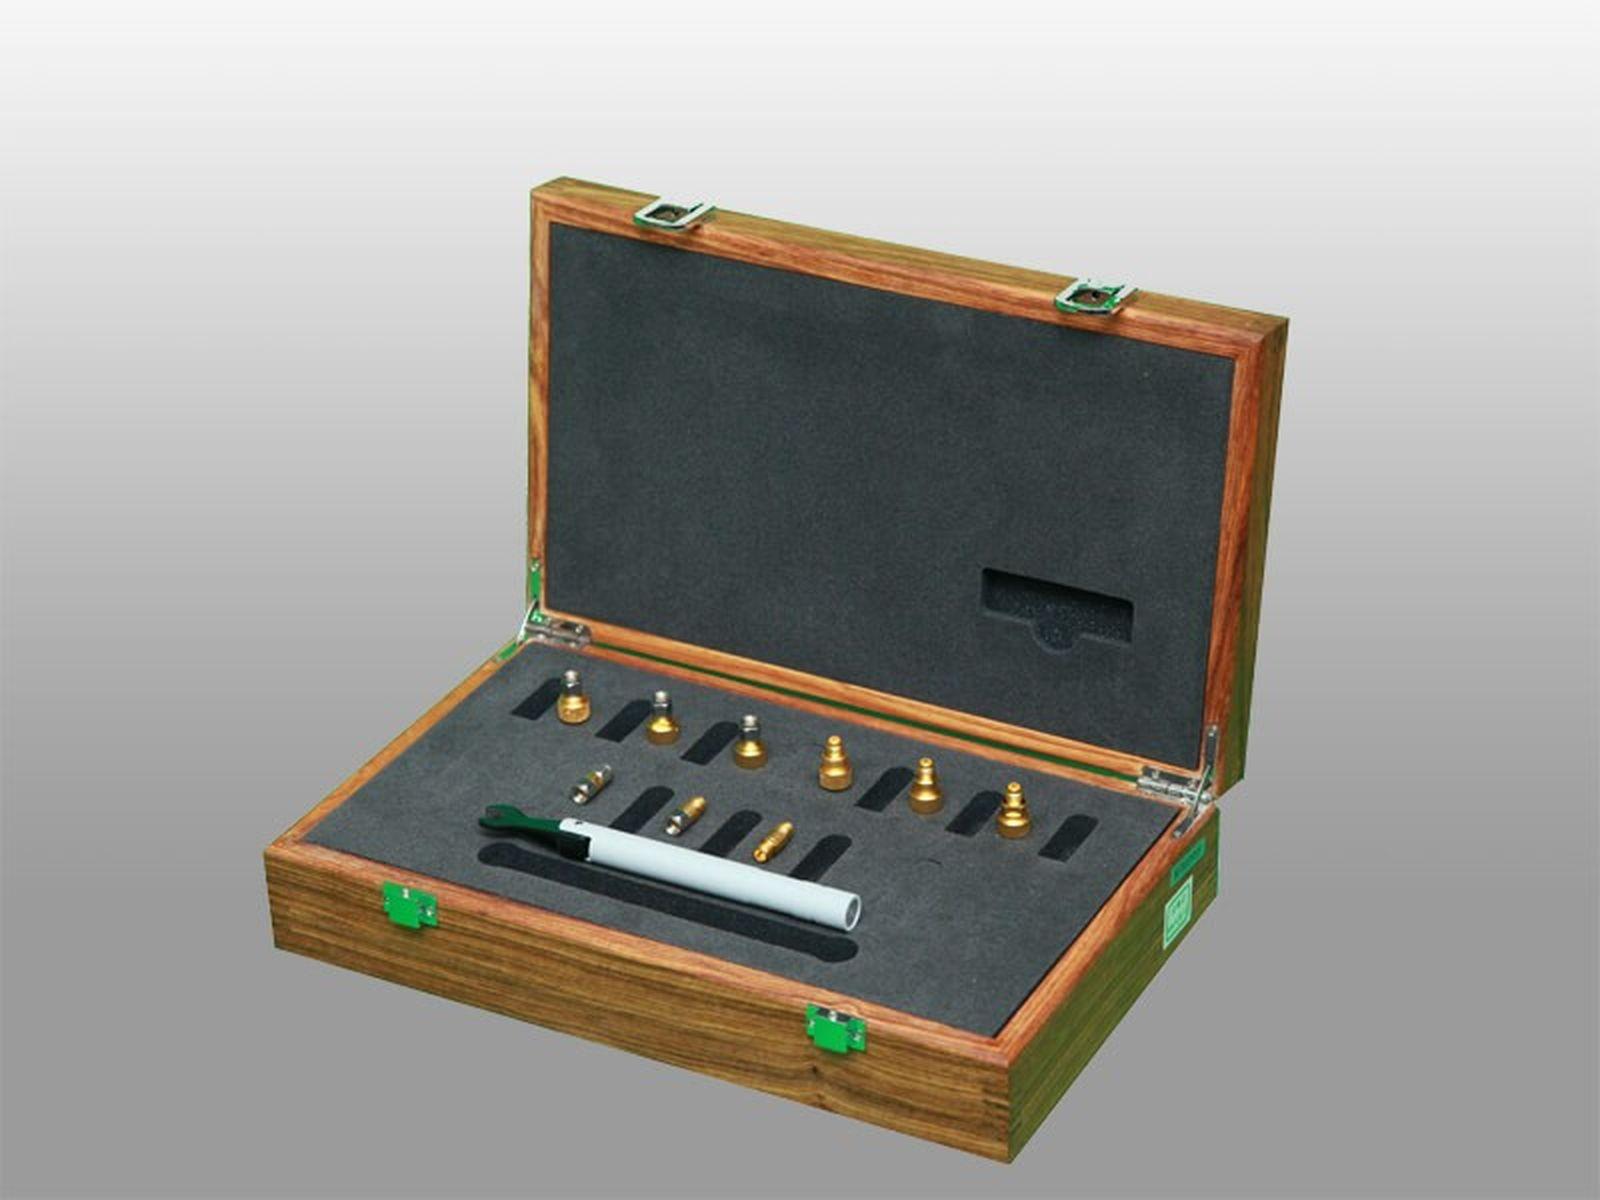 Прецизионные калибровочные наборы SCKCL18-N и SCKTL18-N